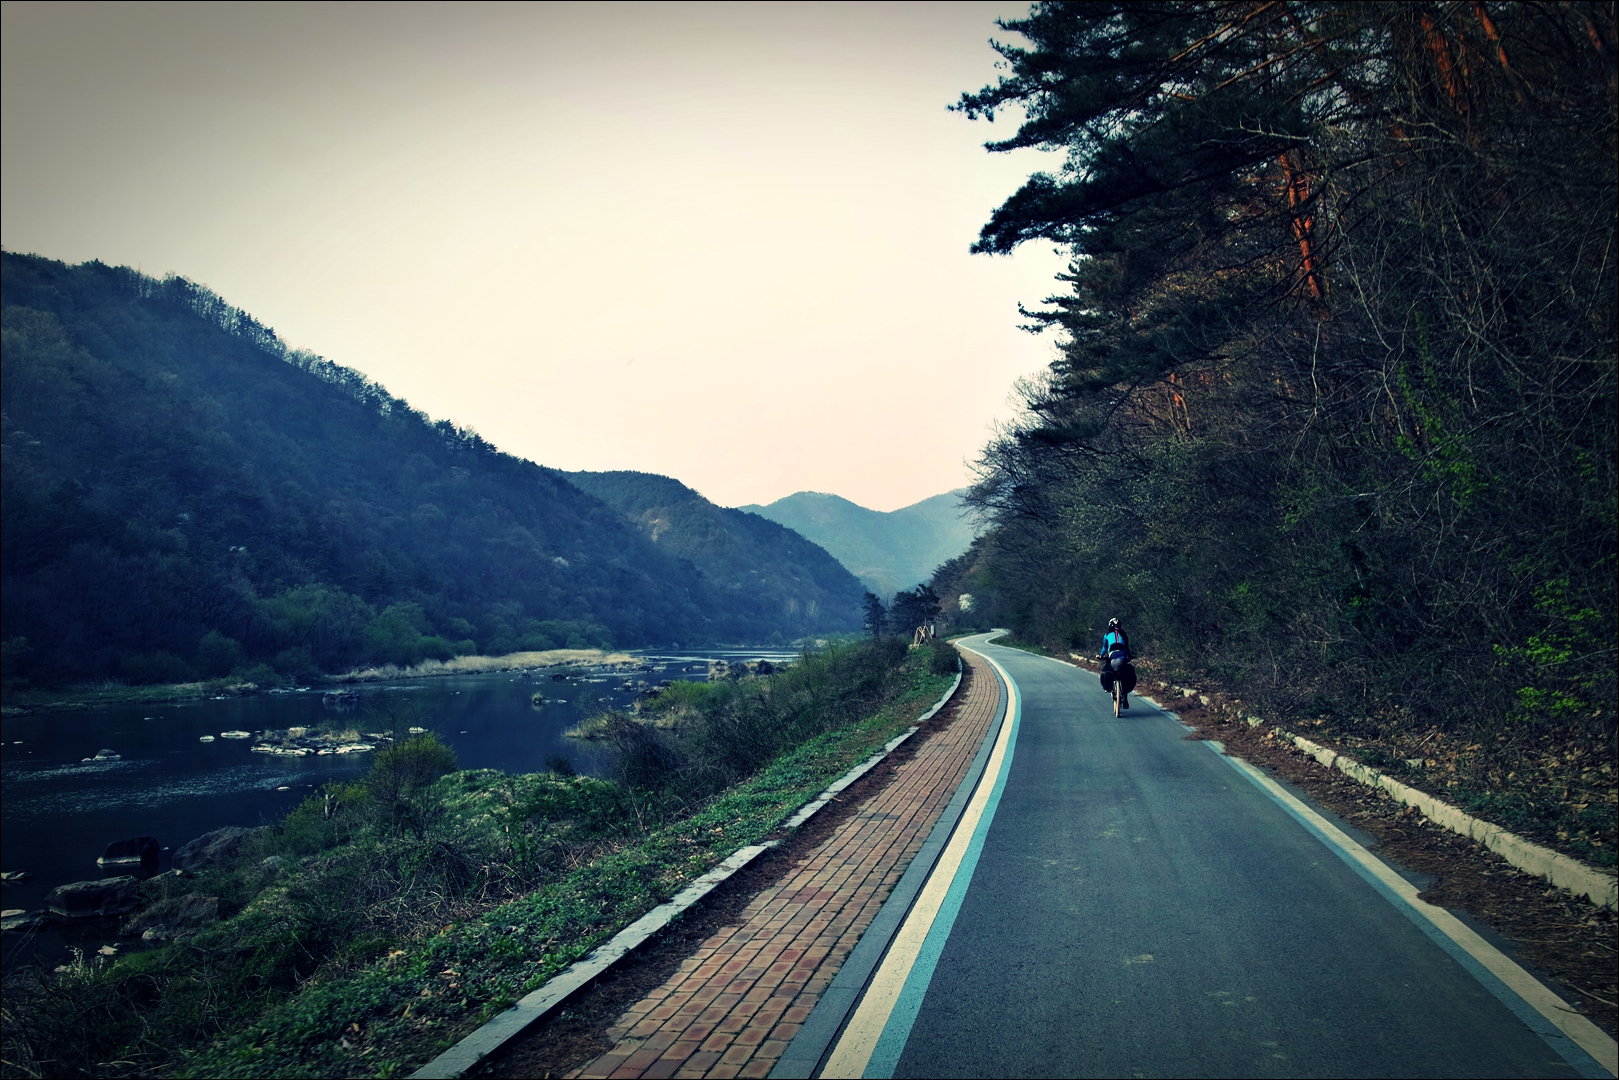 장군목 구간-'섬진강 자전거 여행'